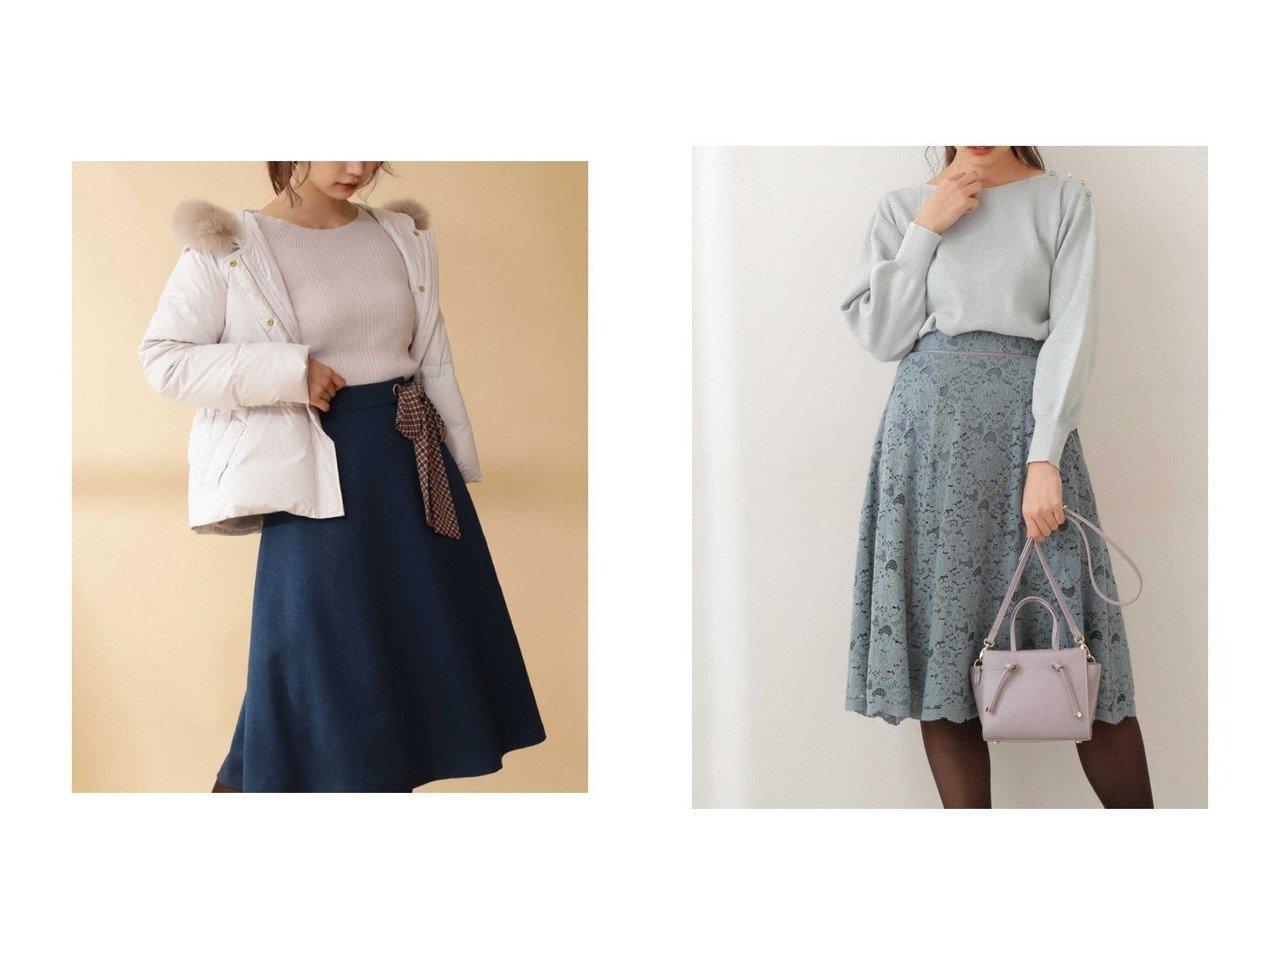 【PROPORTION BODY DRESSING/プロポーション ボディドレッシング】のチェックスカーフ付フレアスカート&ブラッシュレースフレアスカート スカートのおすすめ!人気、トレンド・レディースファッションの通販 おすすめで人気の流行・トレンド、ファッションの通販商品 メンズファッション・キッズファッション・インテリア・家具・レディースファッション・服の通販 founy(ファニー) https://founy.com/ ファッション Fashion レディースファッション WOMEN スカート Skirt Aライン/フレアスカート Flared A-Line Skirts フレア レース 冬 Winter スカーフ チェック ミモレ |ID:crp329100000013675